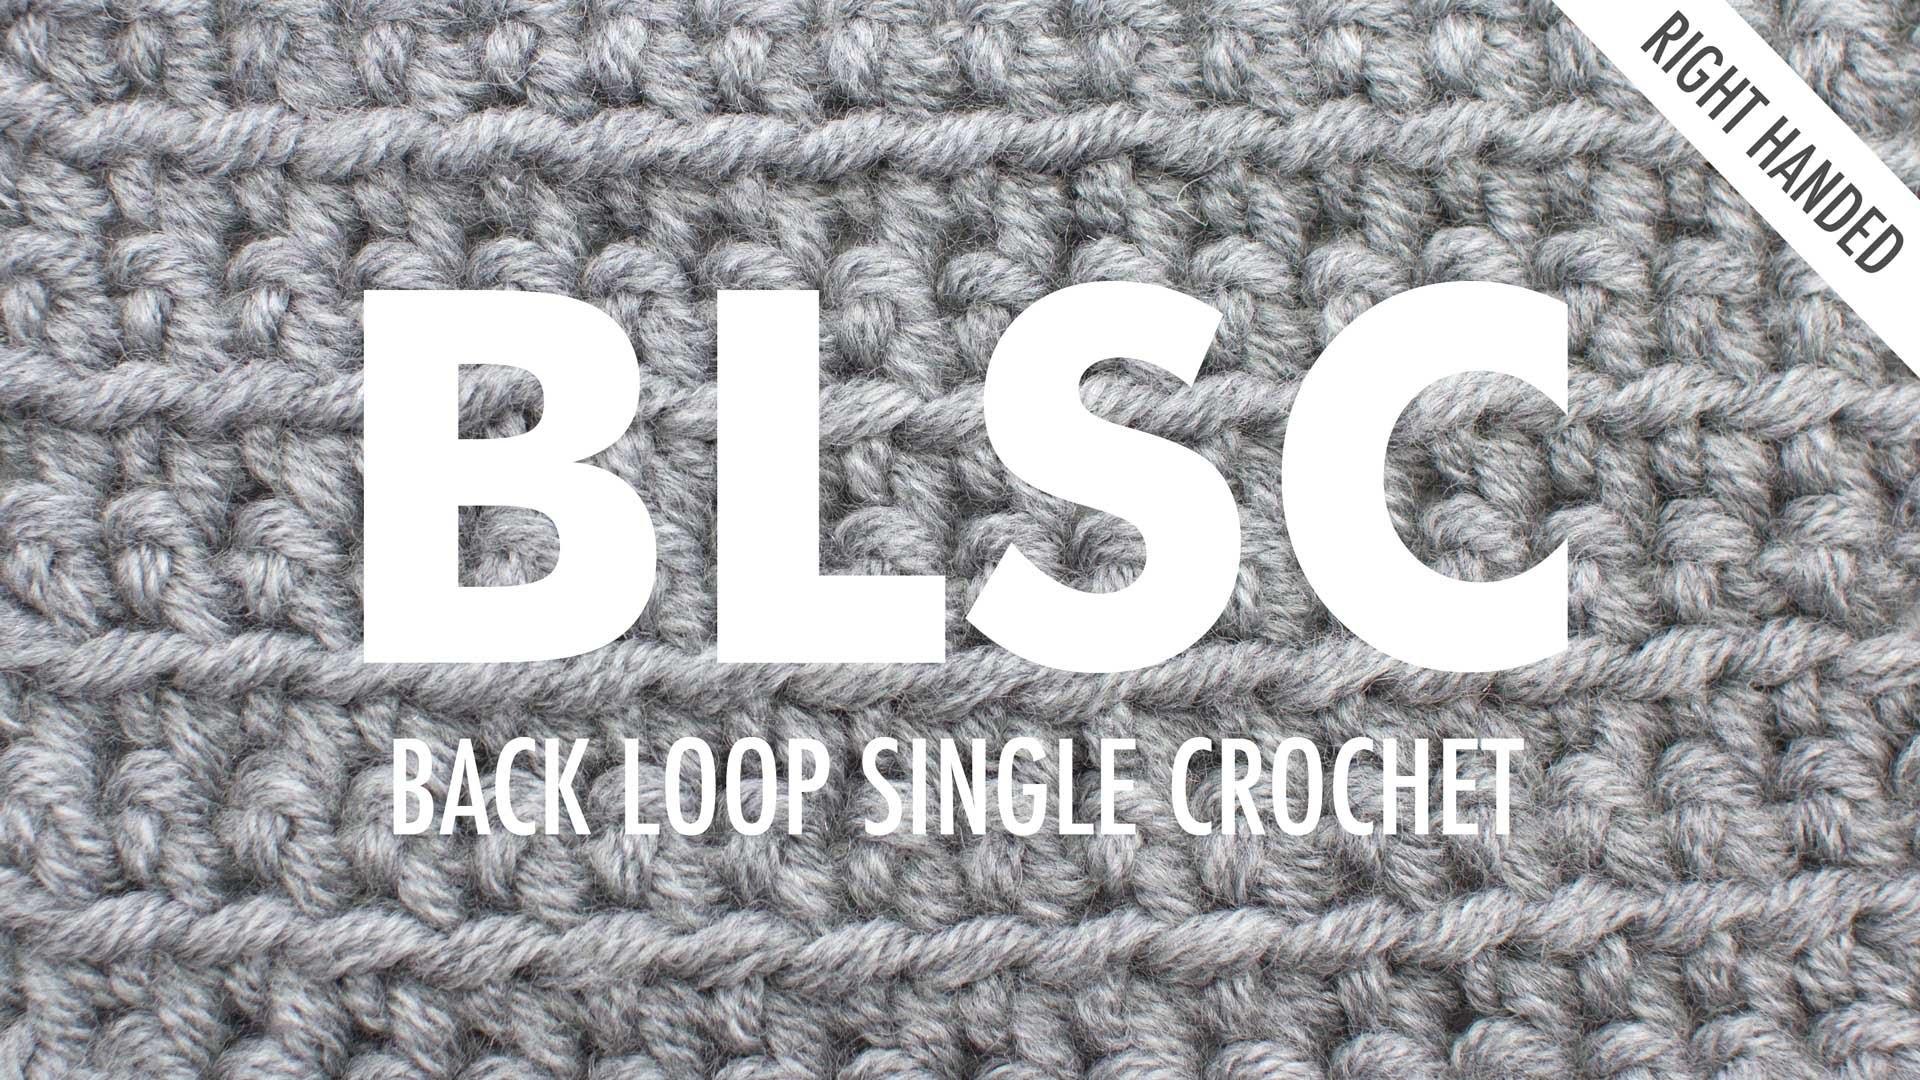 The Back Loop Single Crochet :: Crochet Abbreviation :: Right Handed